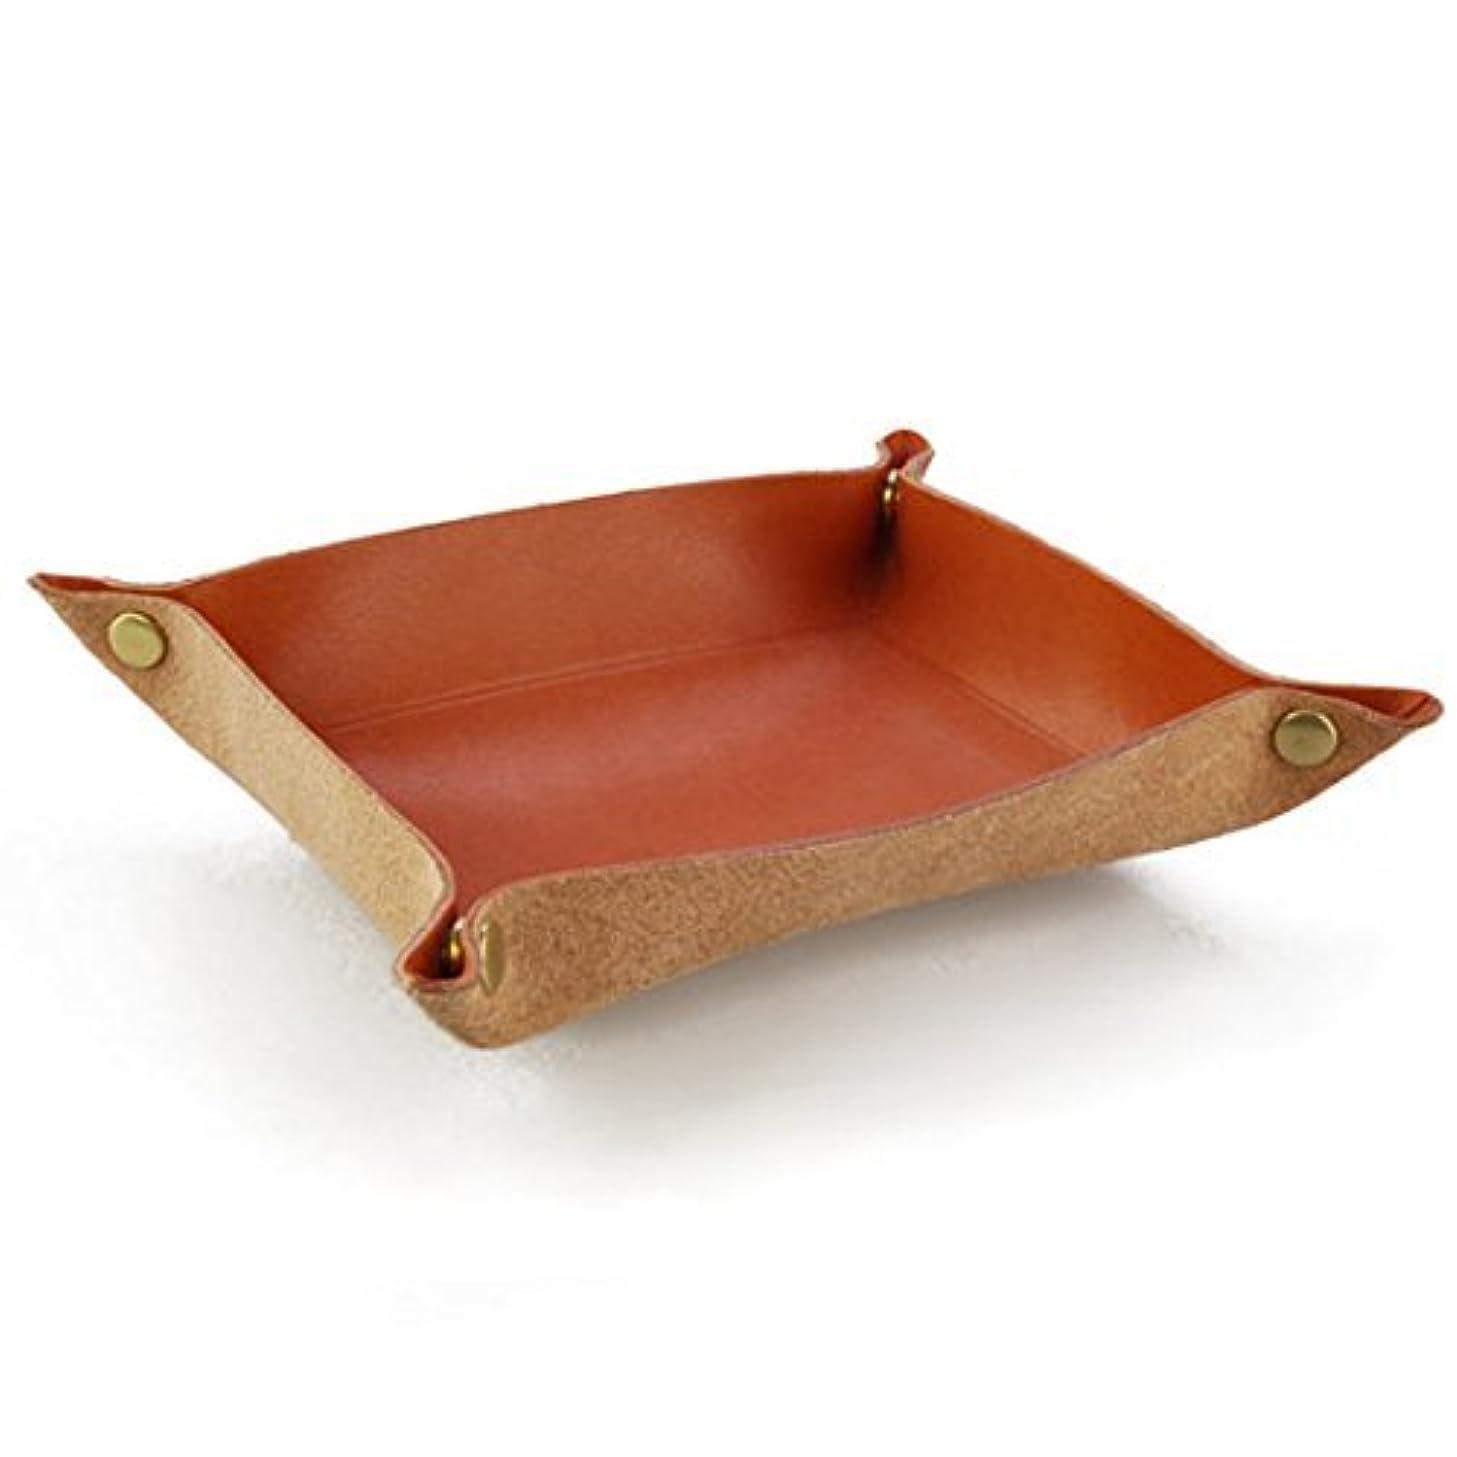 貫通束ねるスイッチ日本製 卓上トレイ 最高級の皮革製 栃木レザーデスクトレー 本革 小物入れ レザートレイ (レッド)